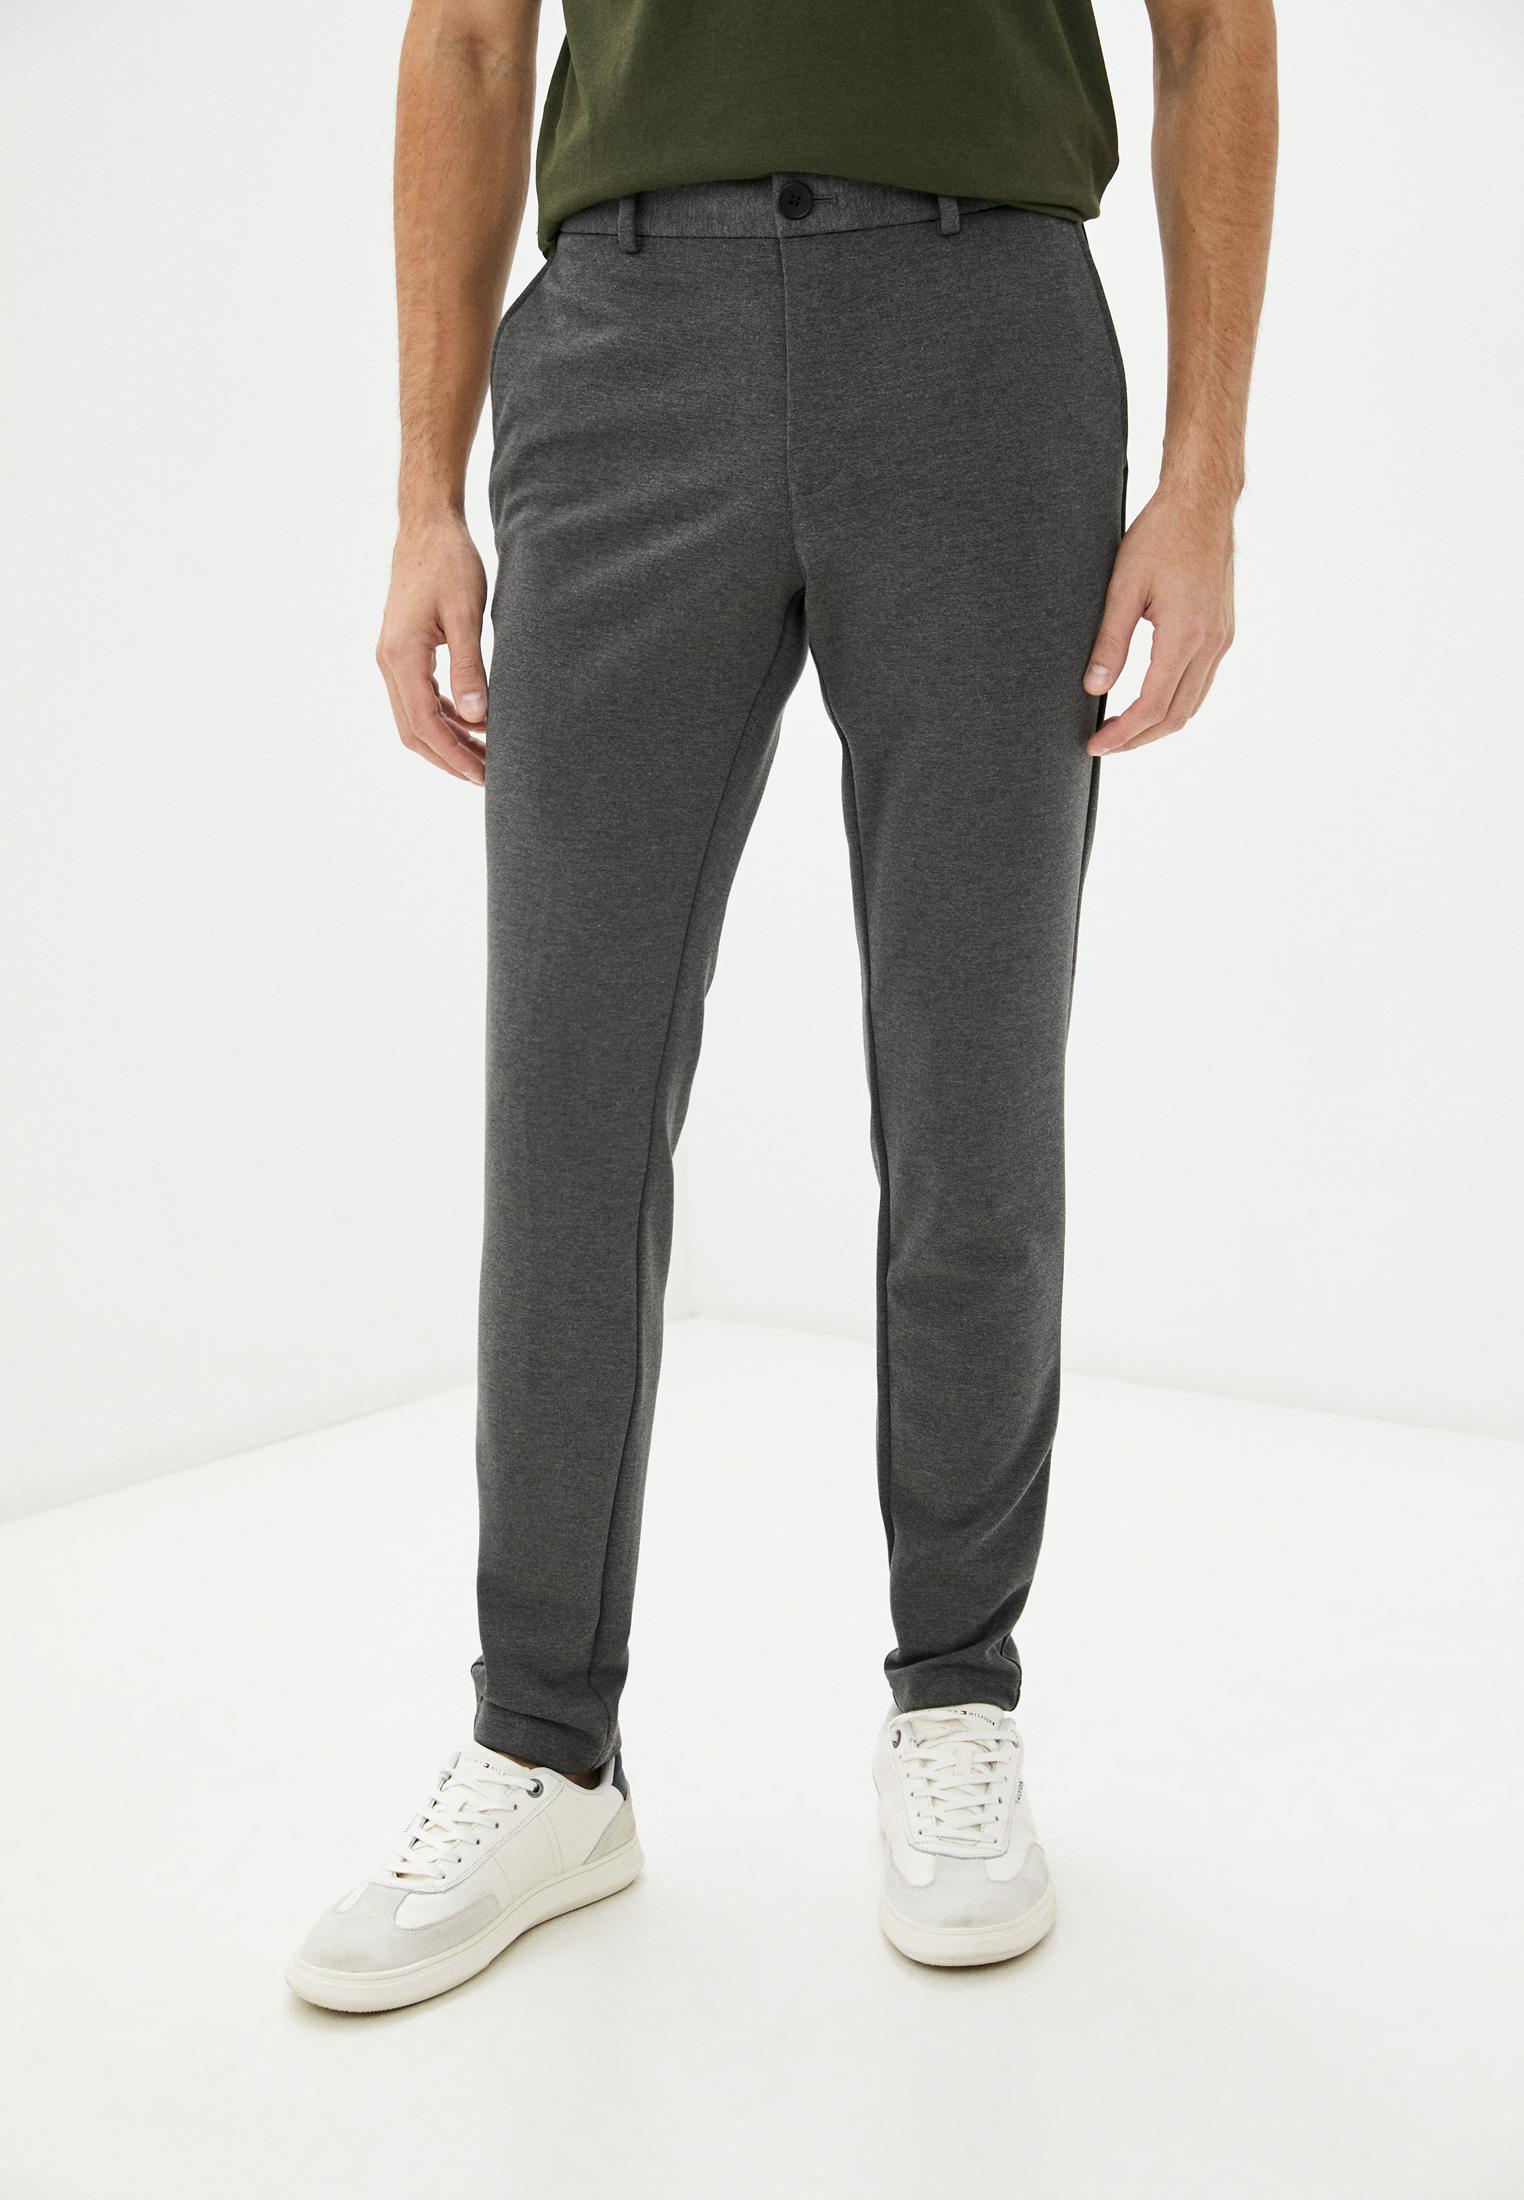 Мужские повседневные брюки Produkt Брюки Produkt